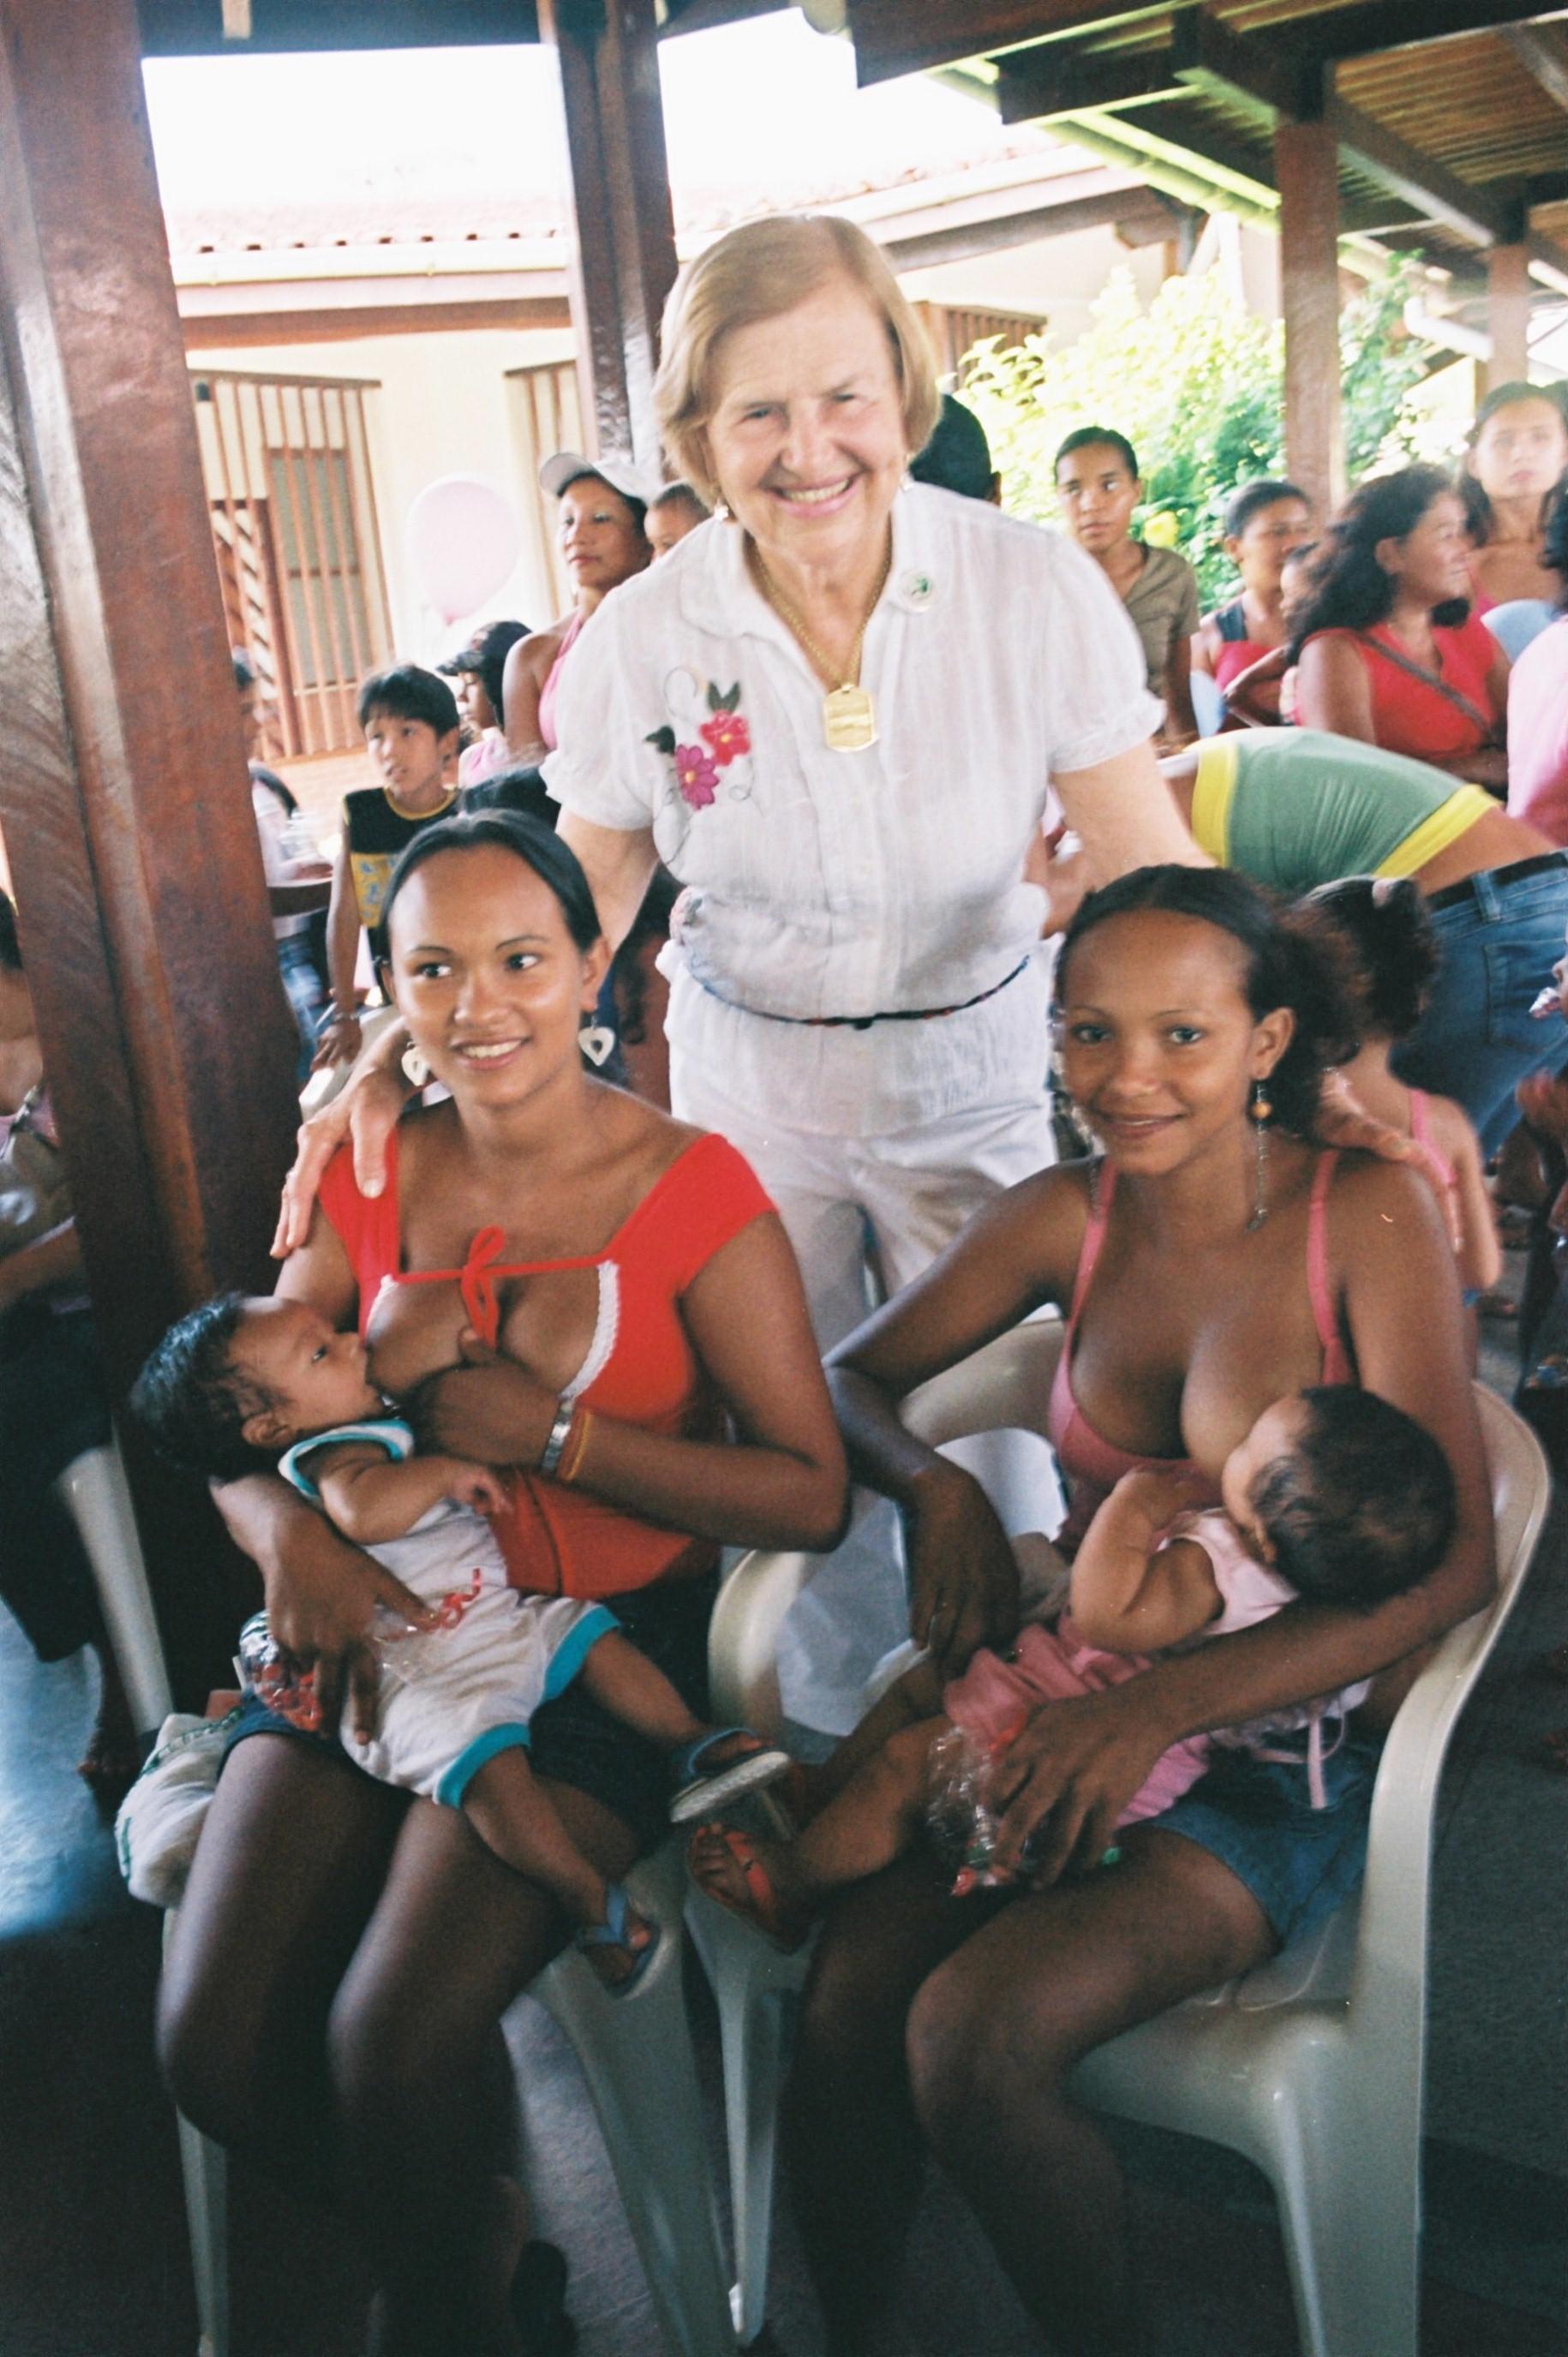 Pastoral da Criança realiza missa em Ação de Graças pelos 83 anos da Dra. Zilda Arns